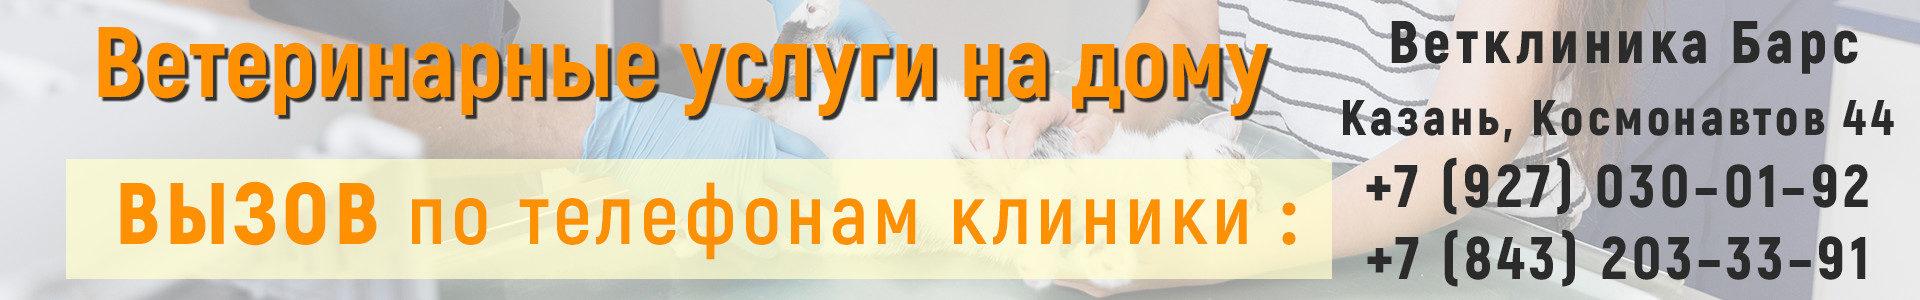 Вызов ветеринара на дом в Казани по тел.: +7 (927) 030-01-92, +7 (843) 203-33-91